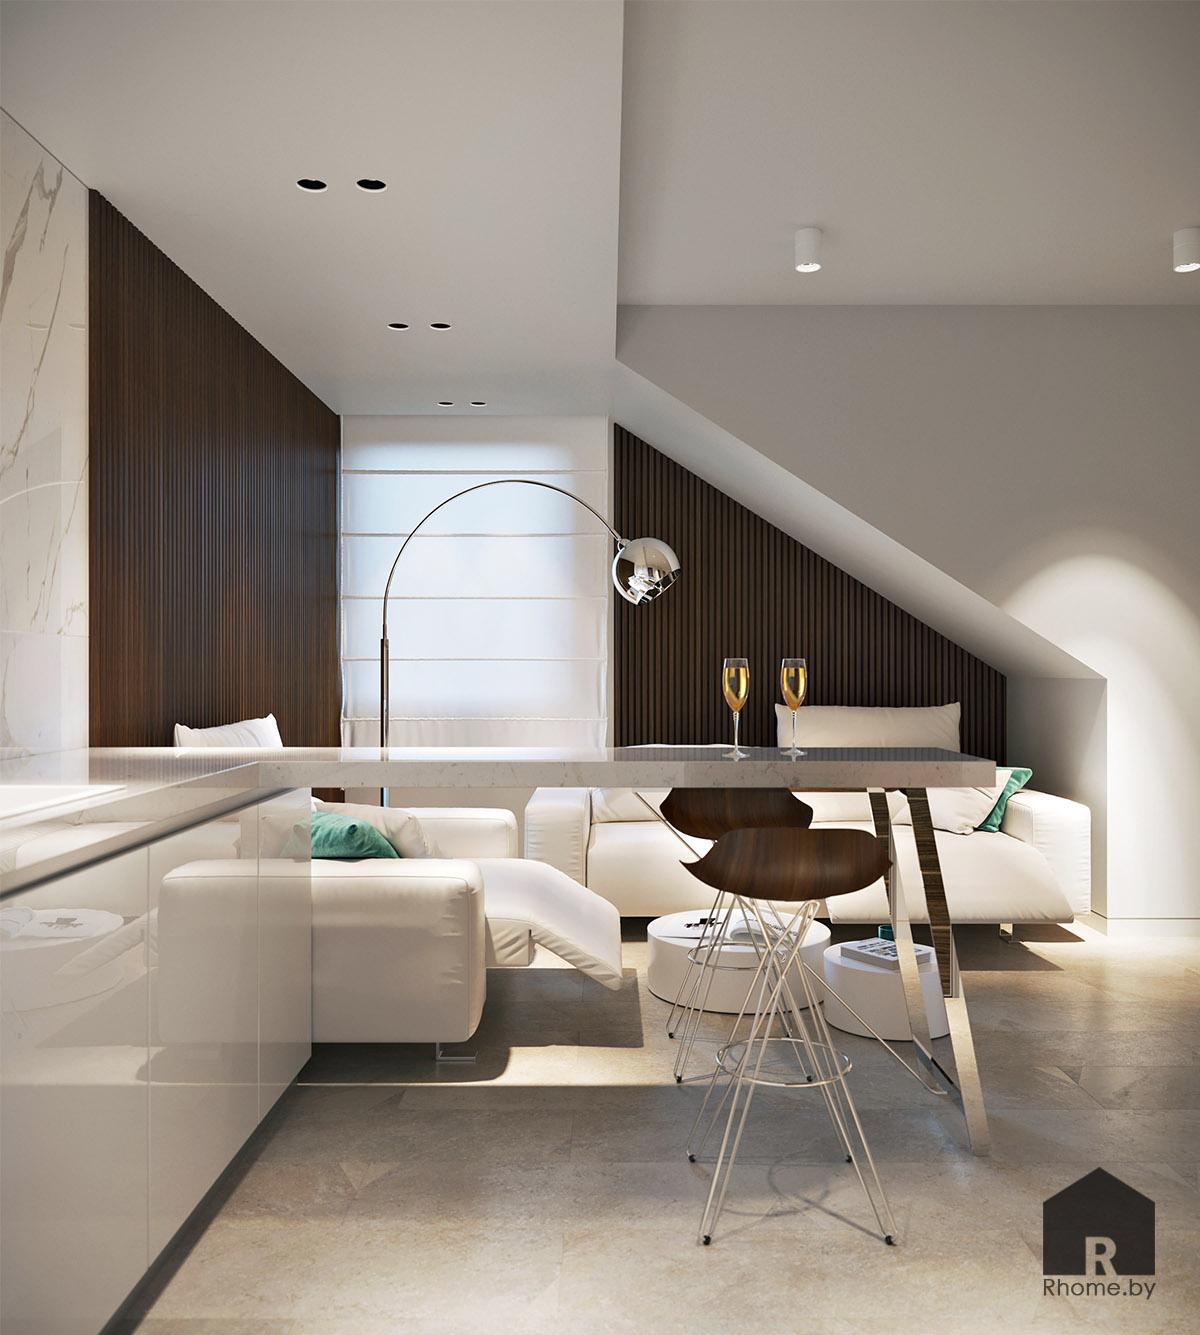 Дизайн интерьера комнаты отдыха в Березовой роще | Дизайн студия – Rhome.by